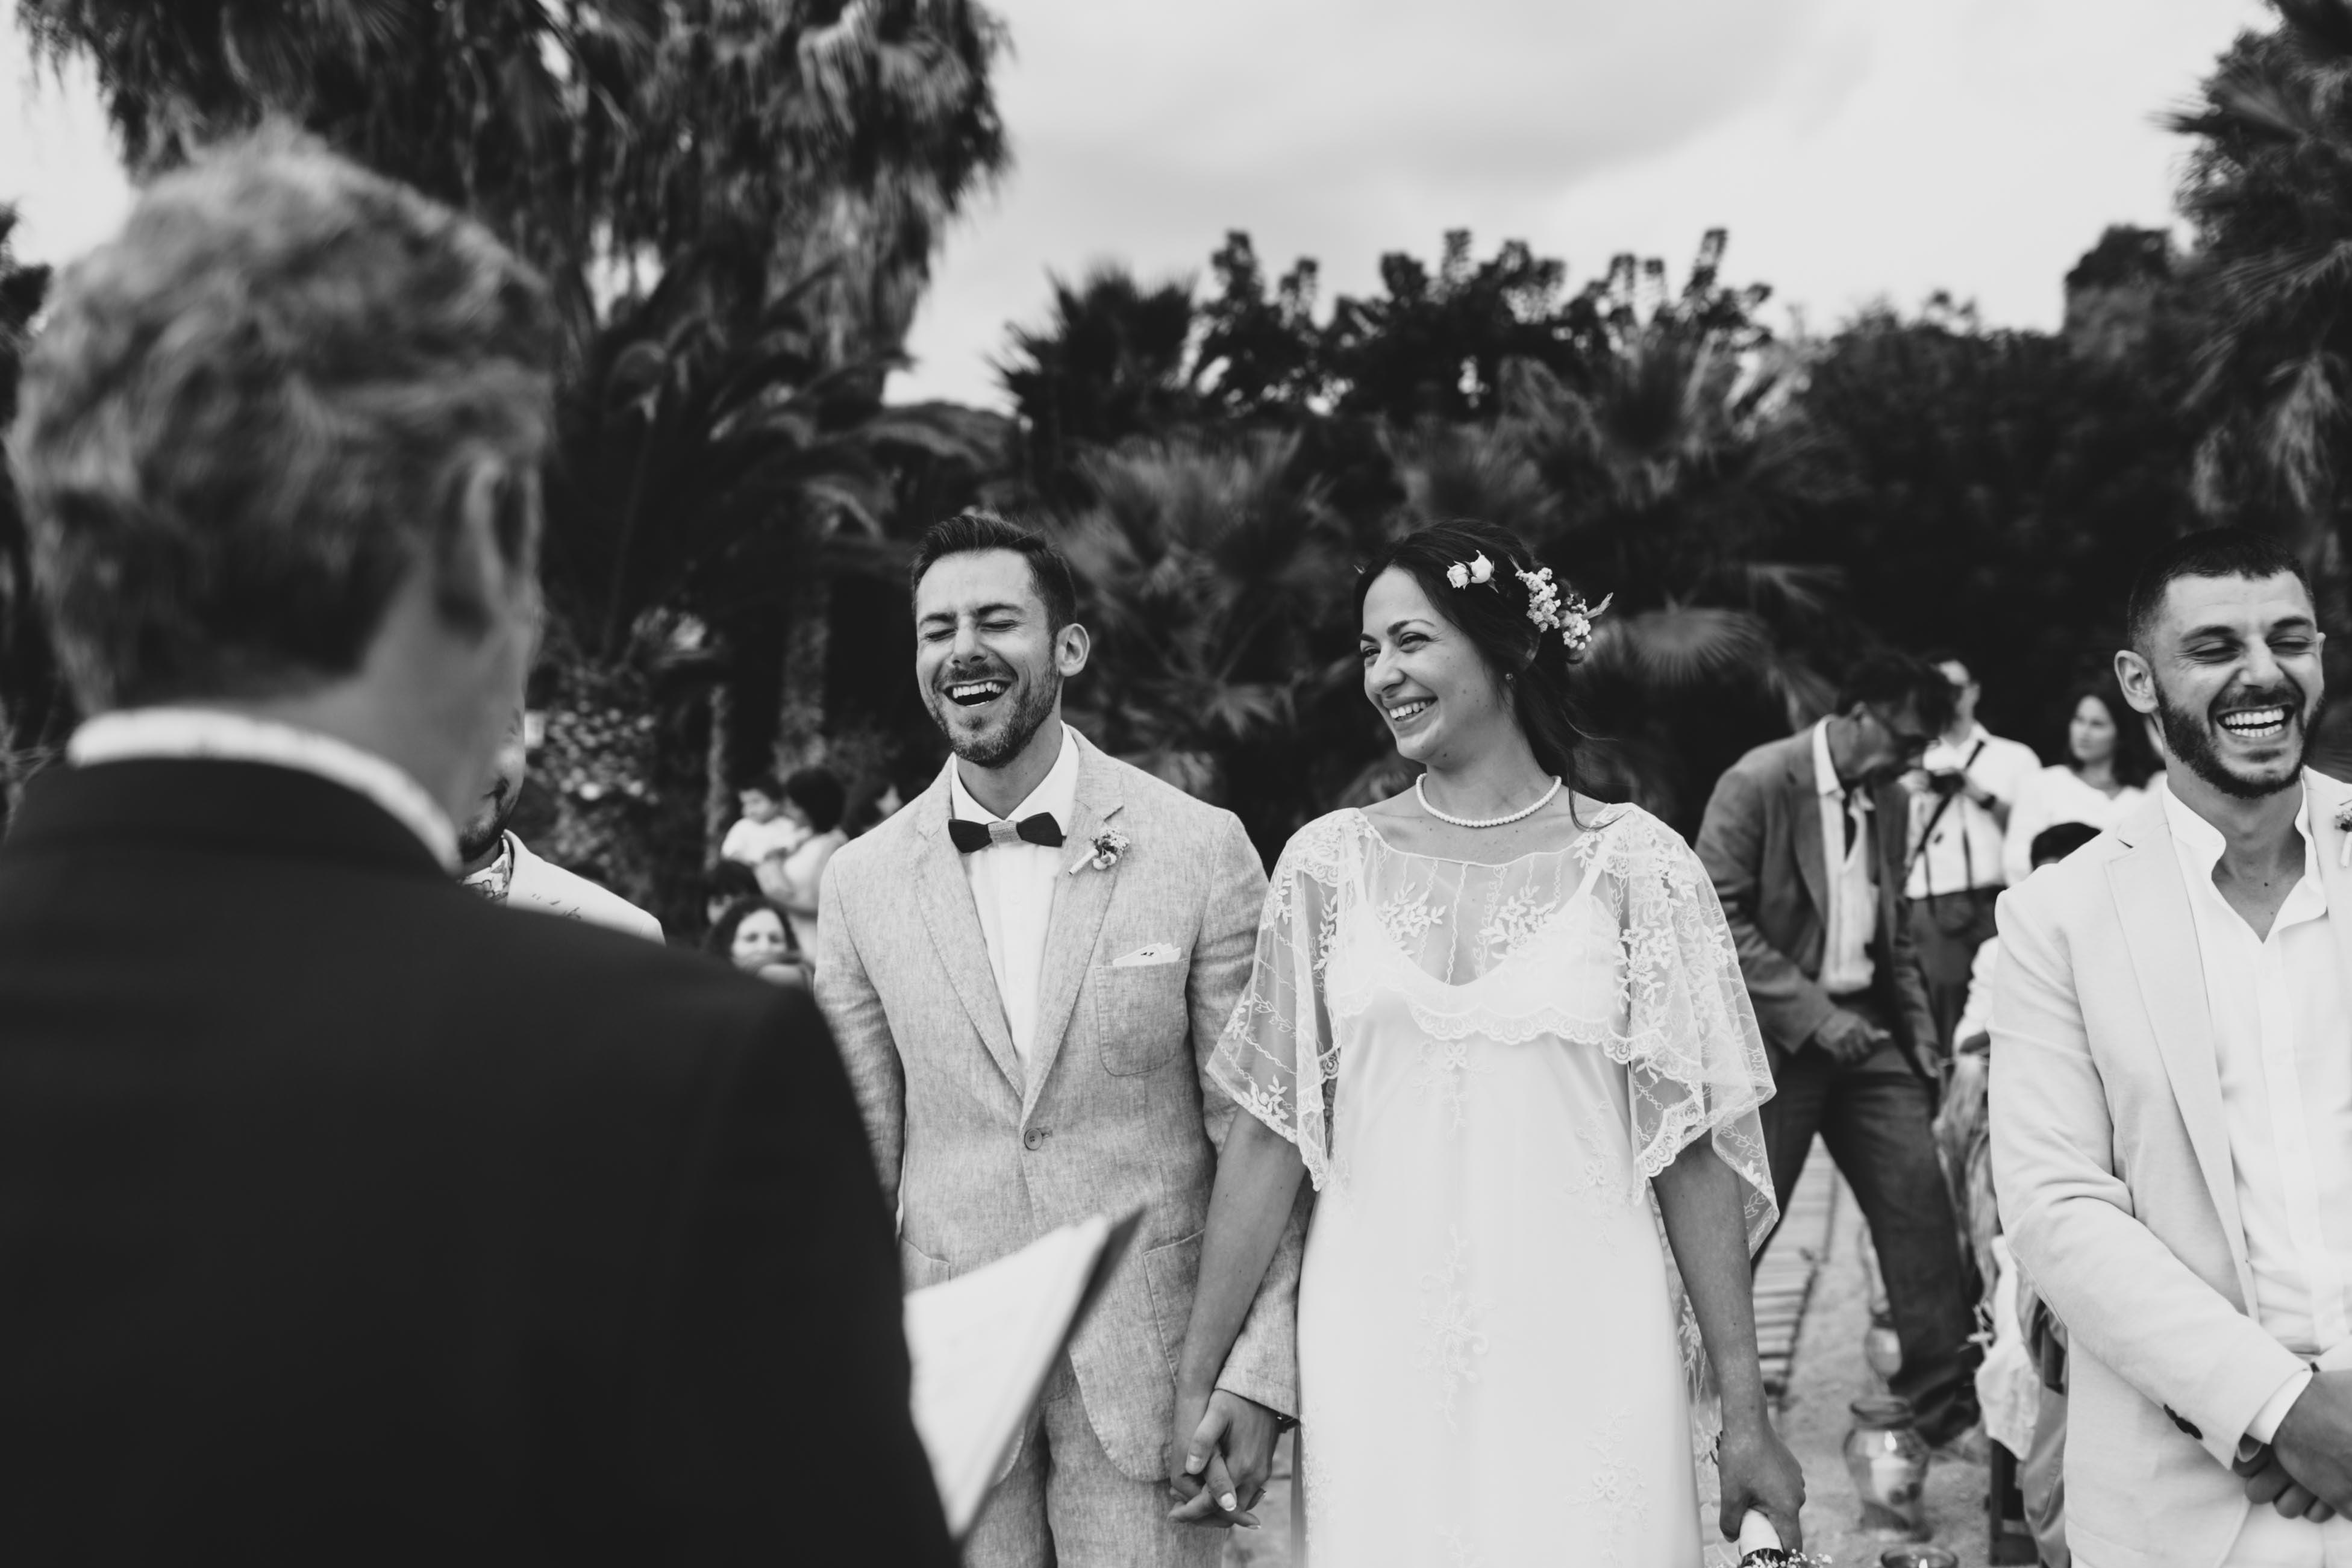 Fotografo+de+bodas+barcelona+girona+cala llevado+beach wedding_077